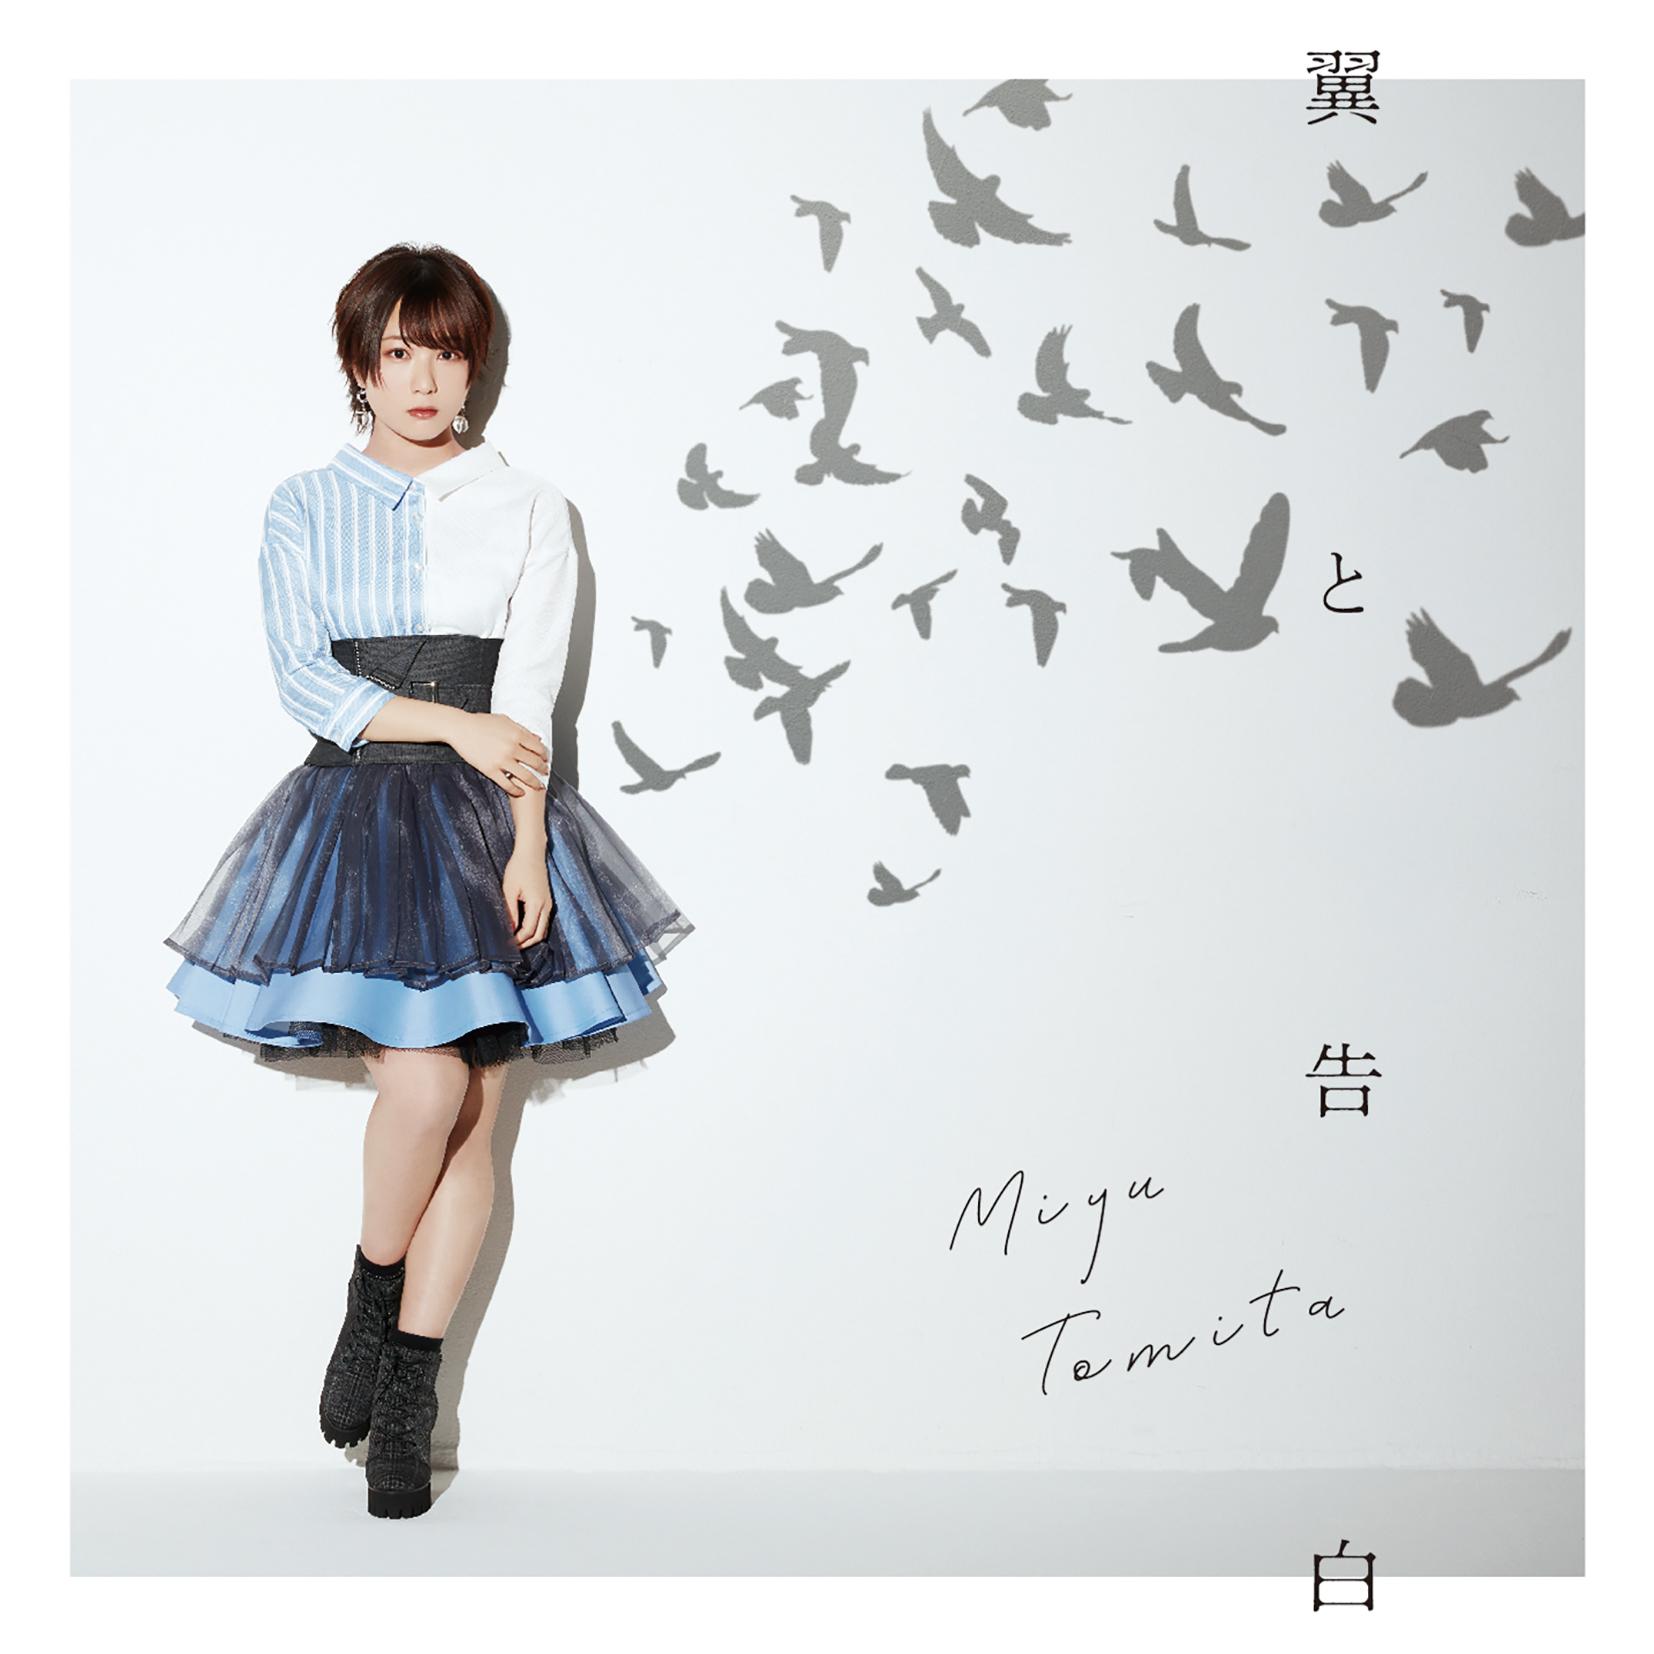 富田美憂2nd シングル「翼と告白」【CD only】盤ジャケット